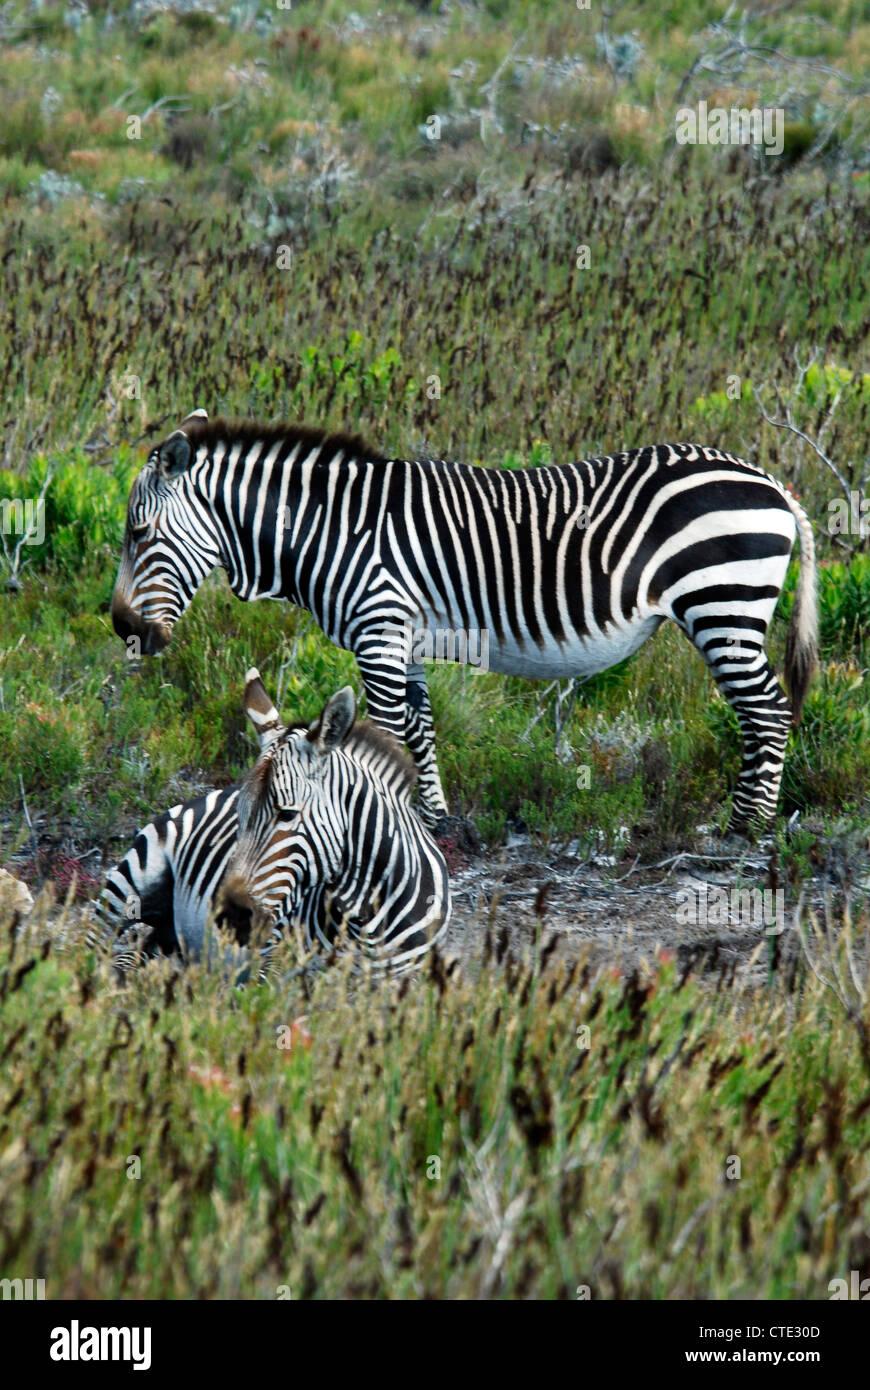 The Cape mountain zebra (Equus zebra zebra) Stock Photo